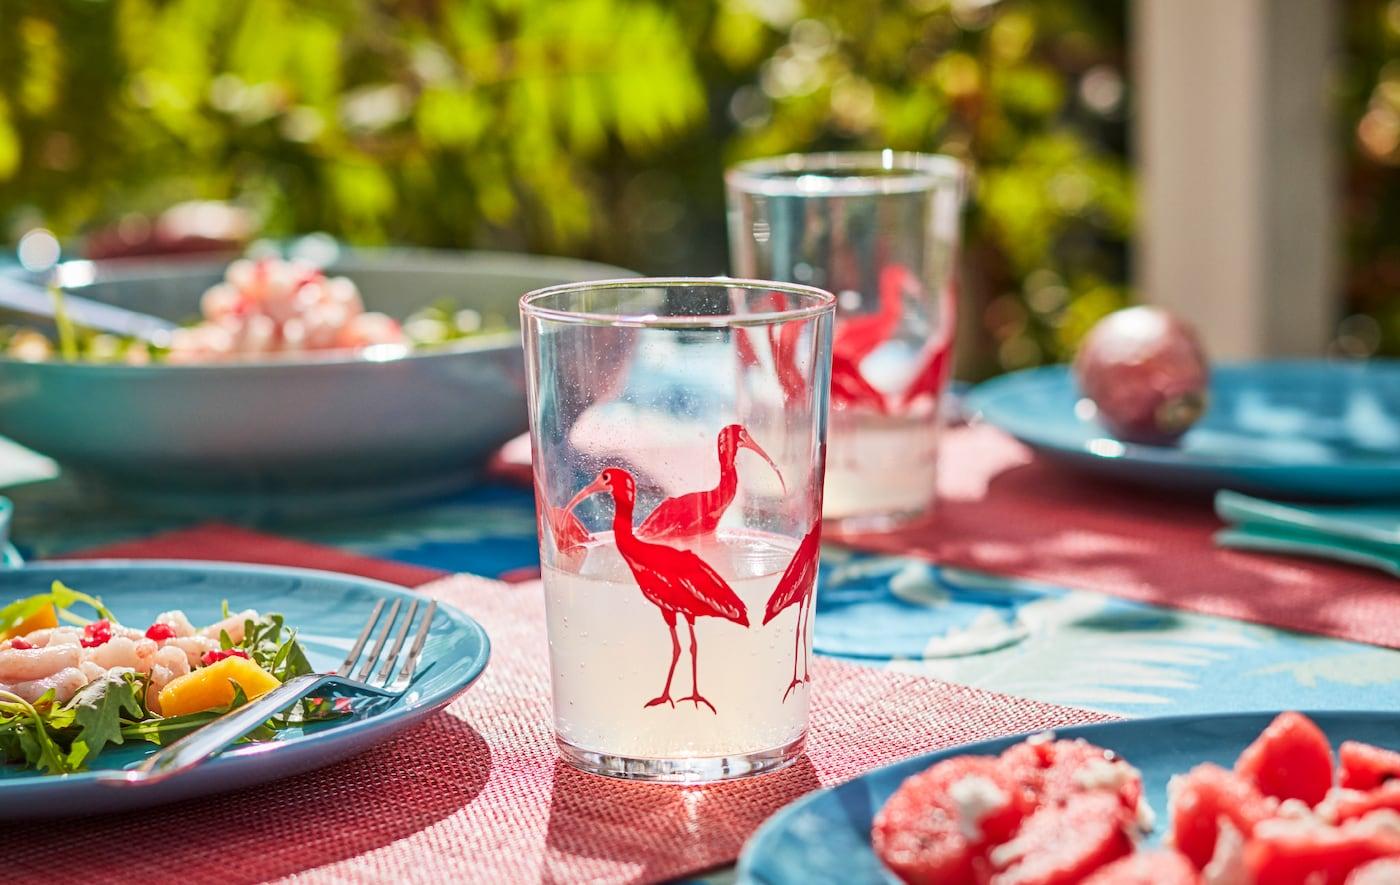 O masă însorită sub cerul liber cu un set de masă și veselă în culori și modele îndrăznețe de vară. Prepare ușoare pe farfurii.